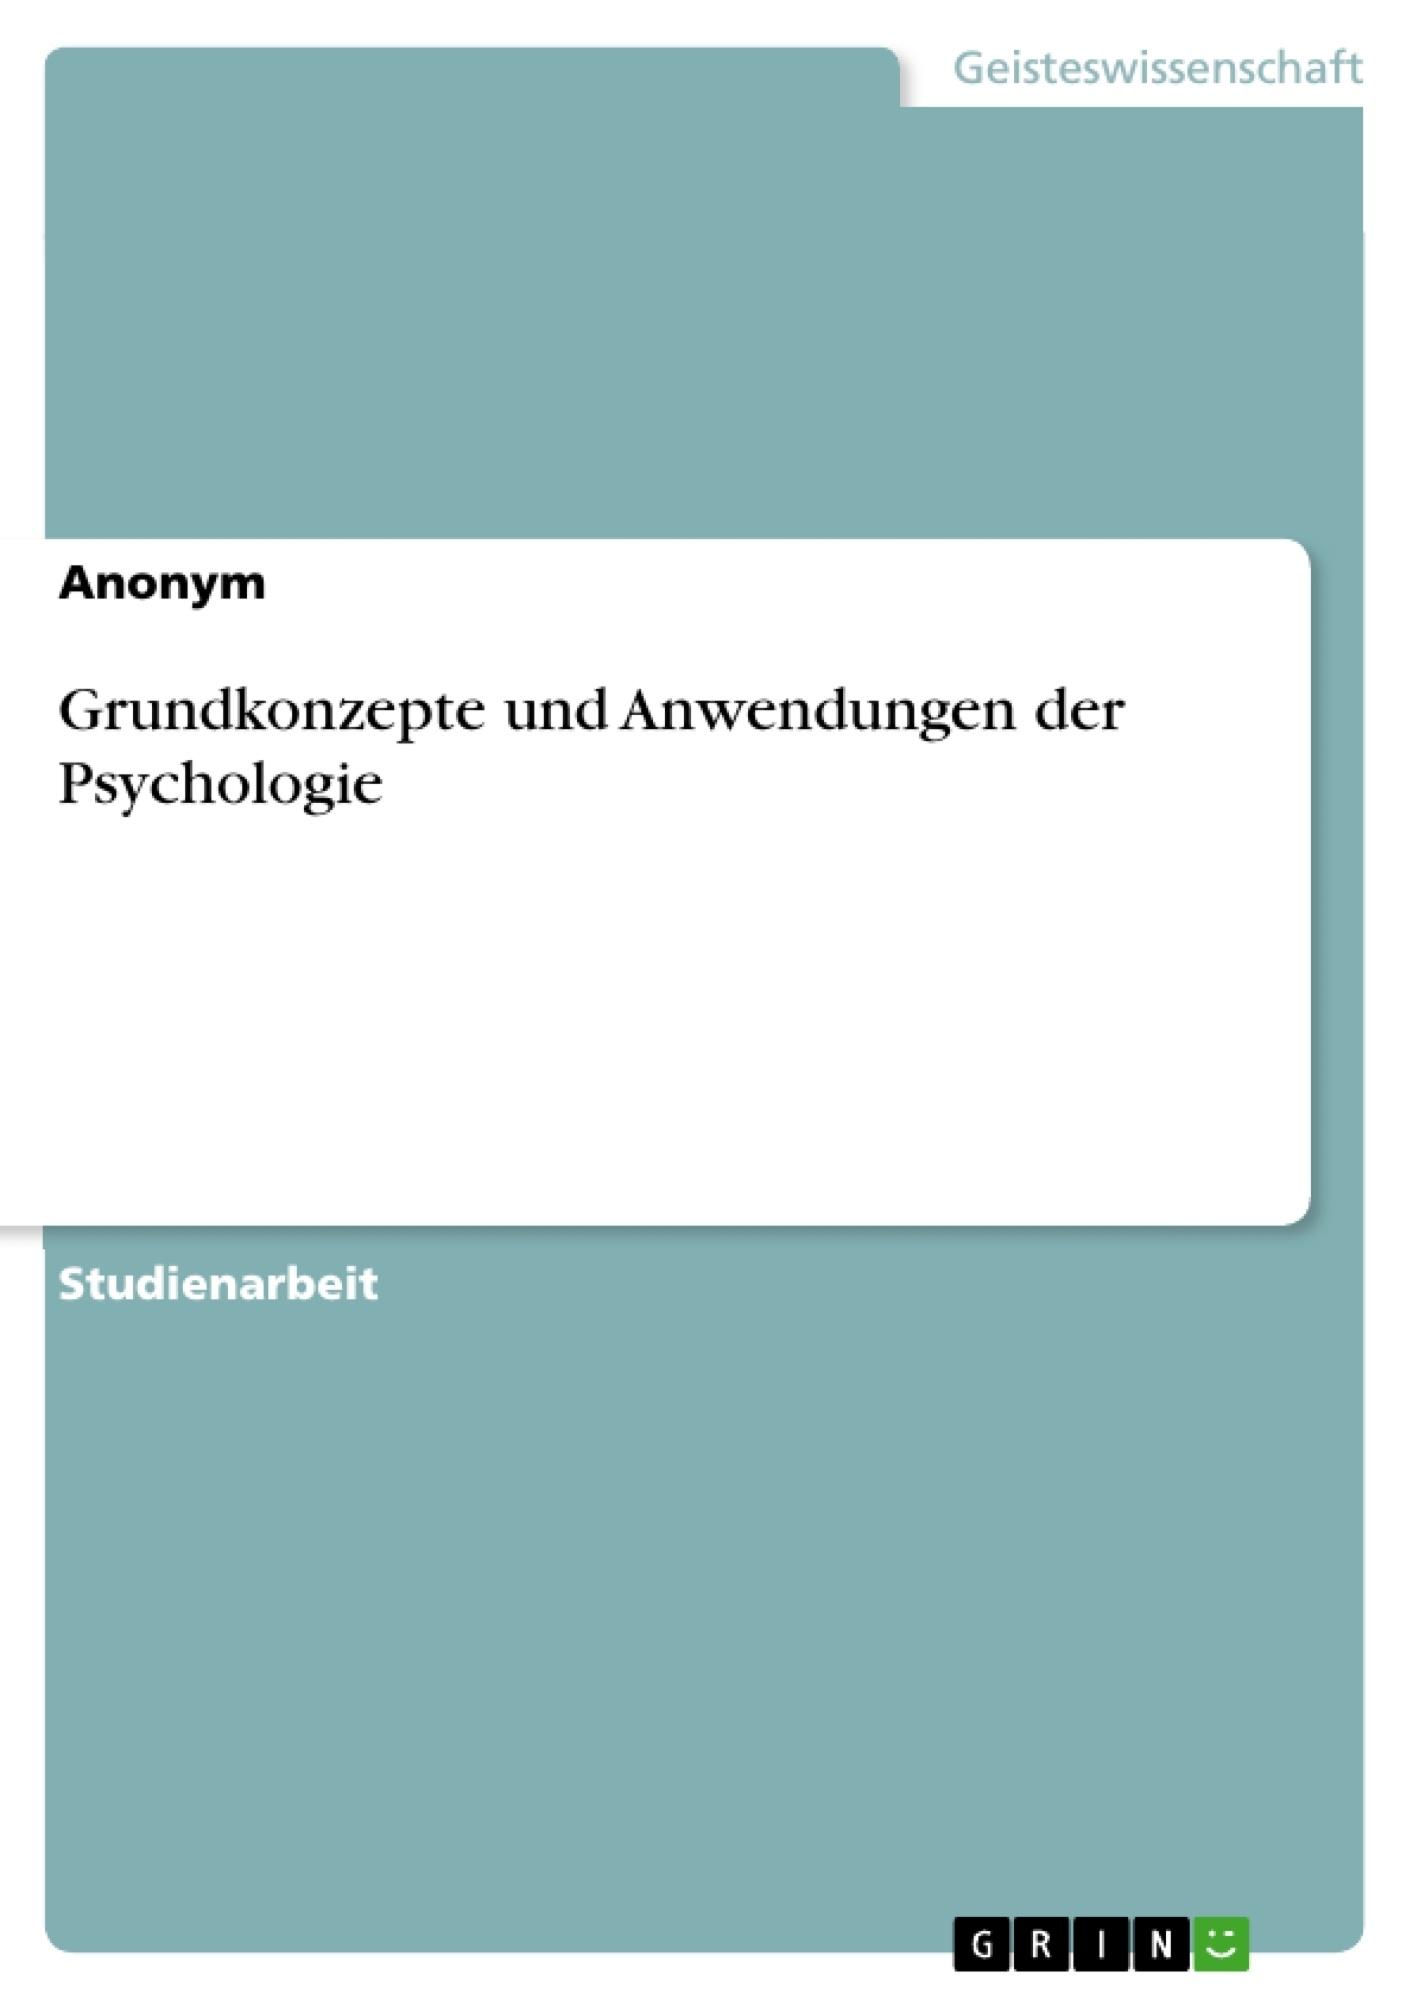 Titel: Grundkonzepte und Anwendungen der Psychologie